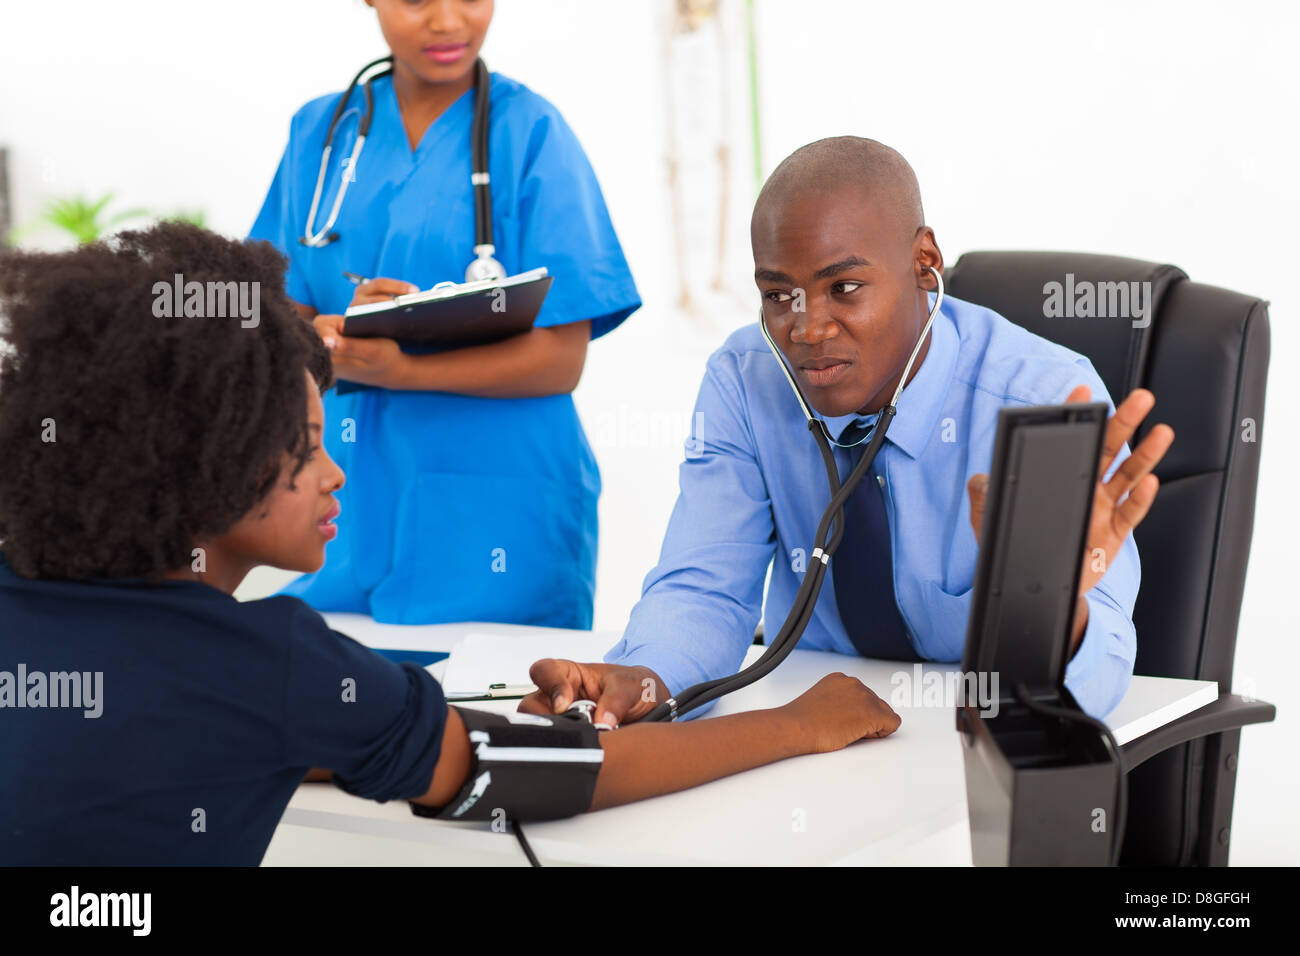 Afrikanische Allgemeinmedizin Überprüfung des Patienten Blutdruck im Büro Stockbild